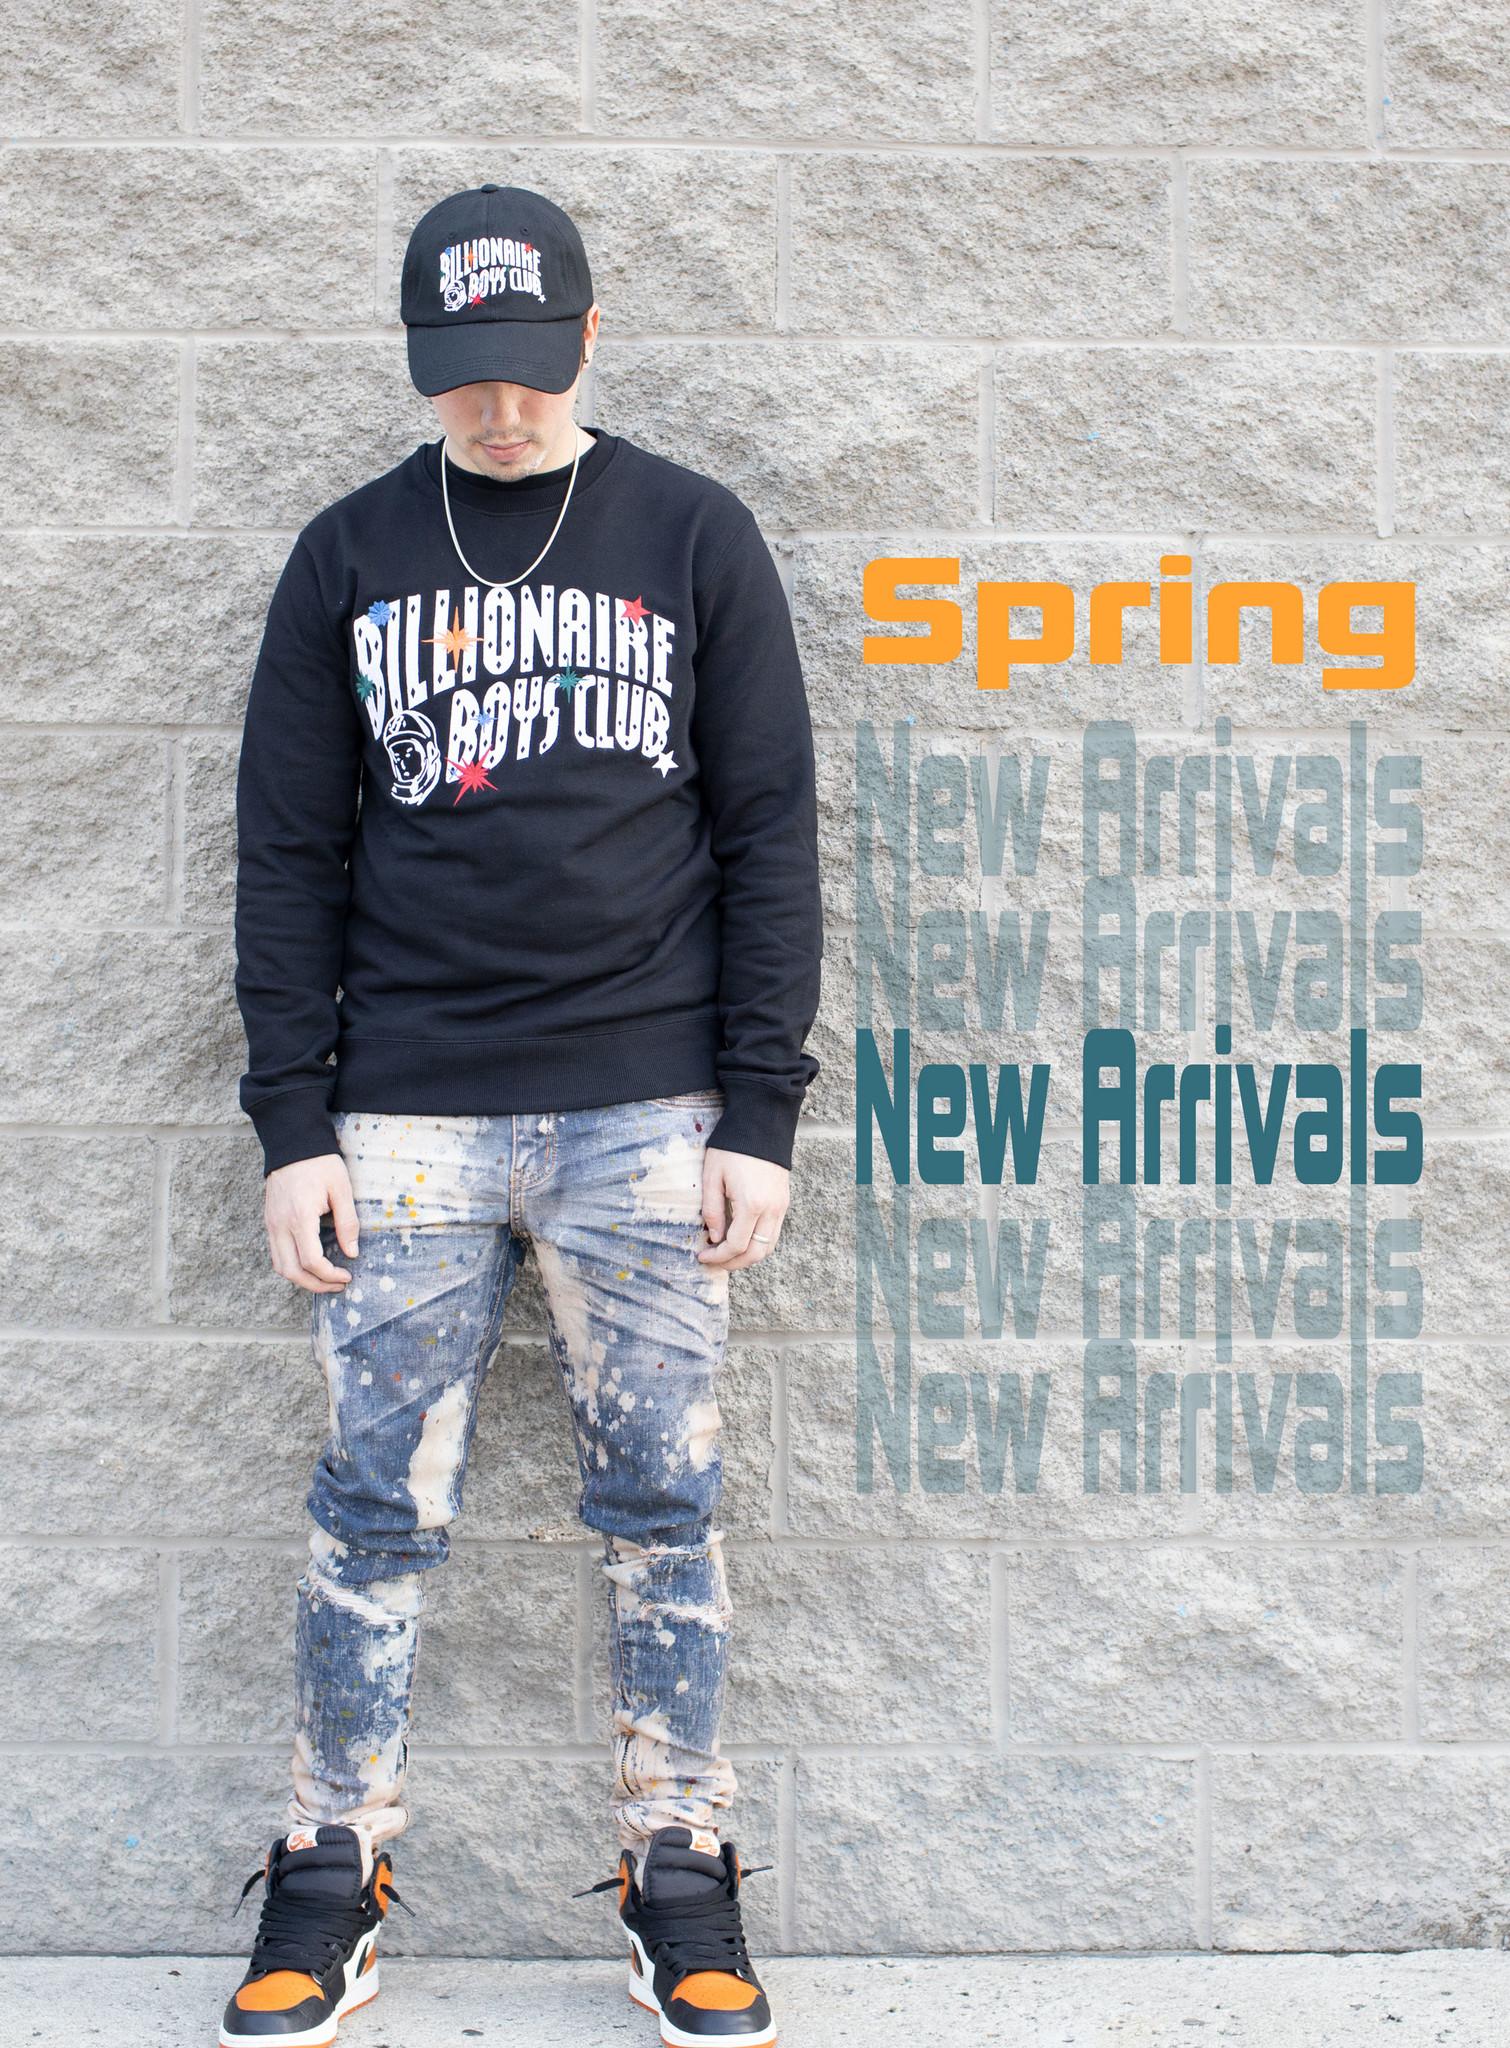 a238a48a894 Hidden Hype Clothing - Men s Fashion - Hidden Hype Clothing